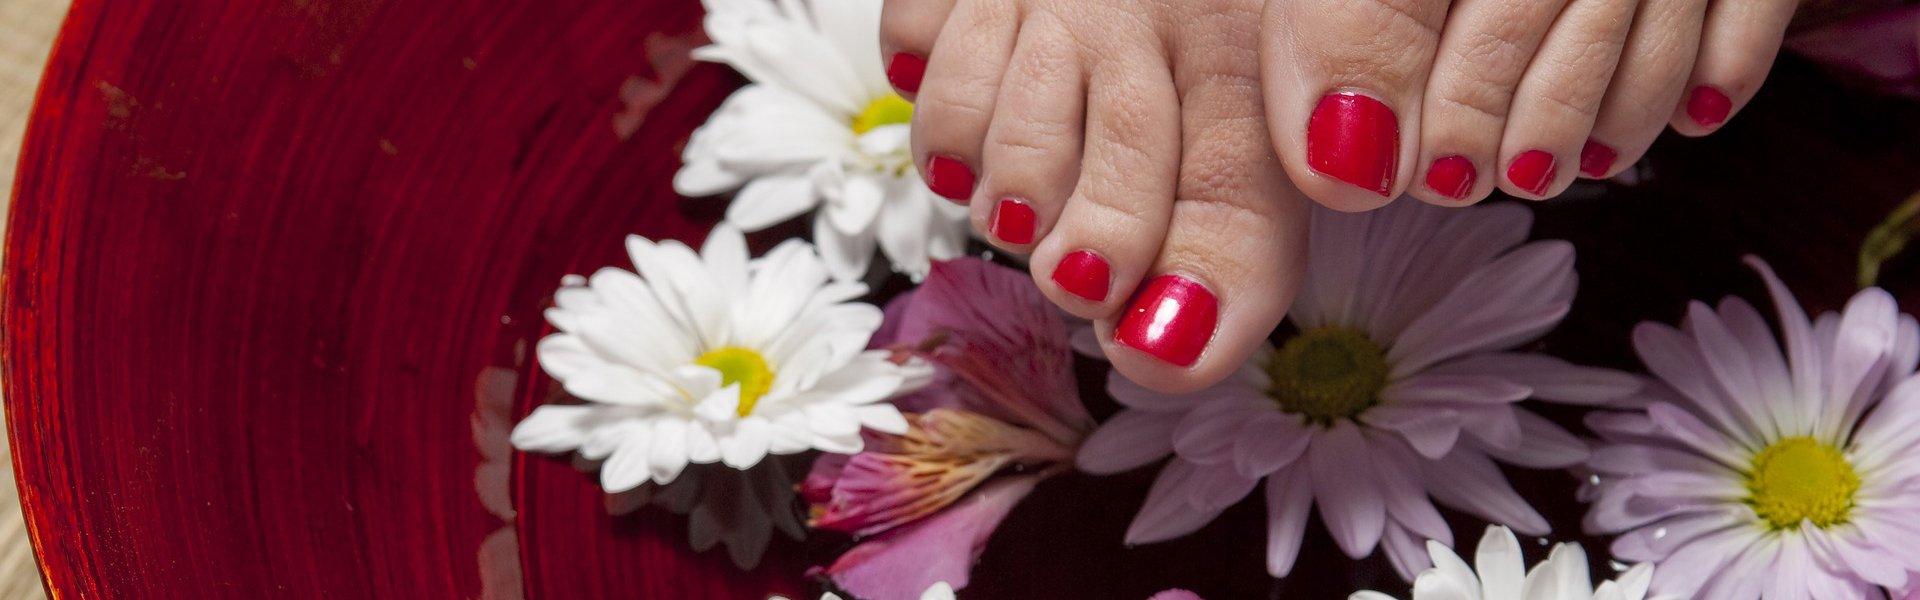 Body & Sole Therapy Salon and Spa Massage Roanoke VA